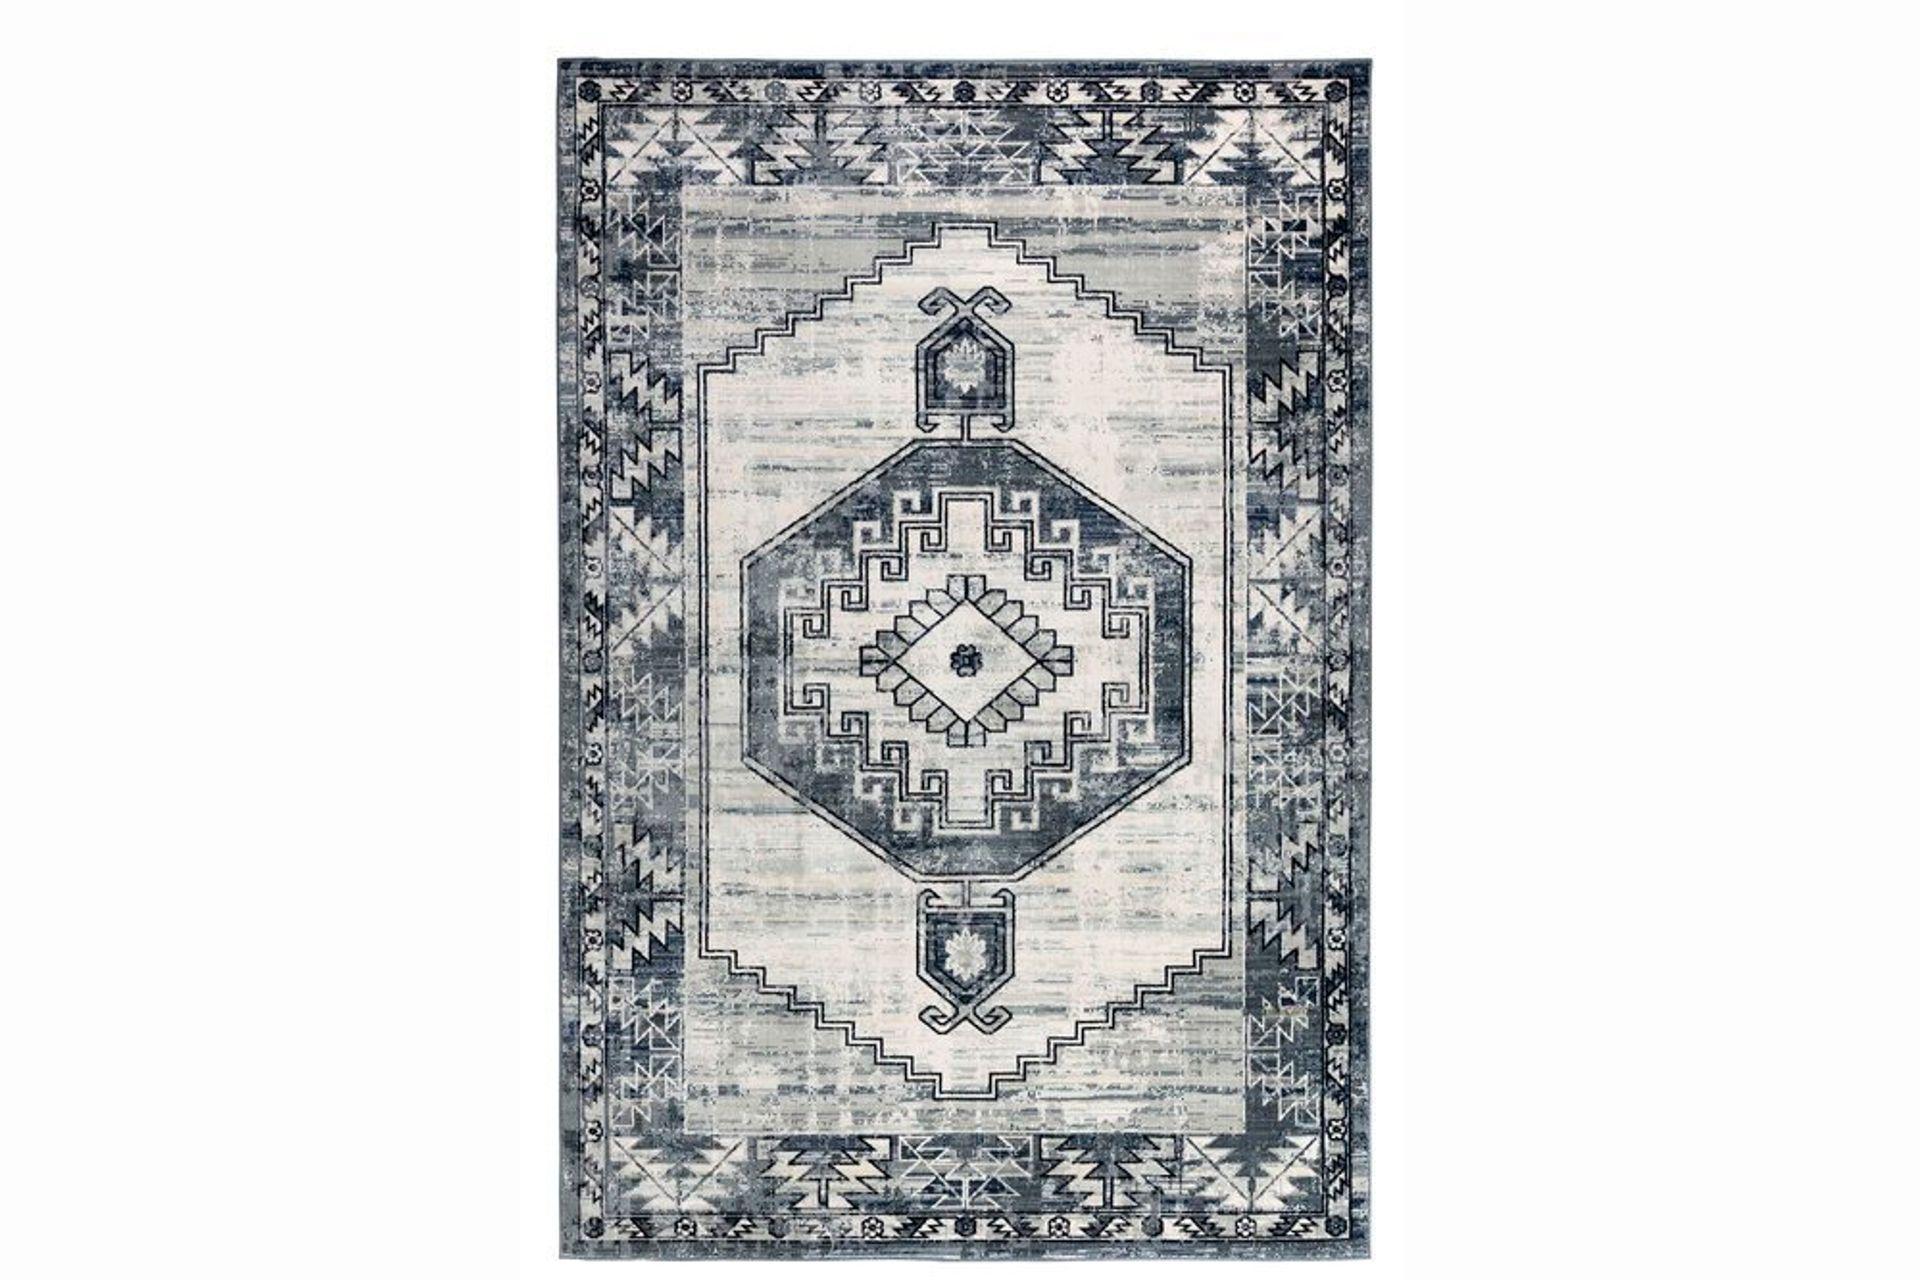 Felix Antique Woven Rug, 120 x 180, Grey